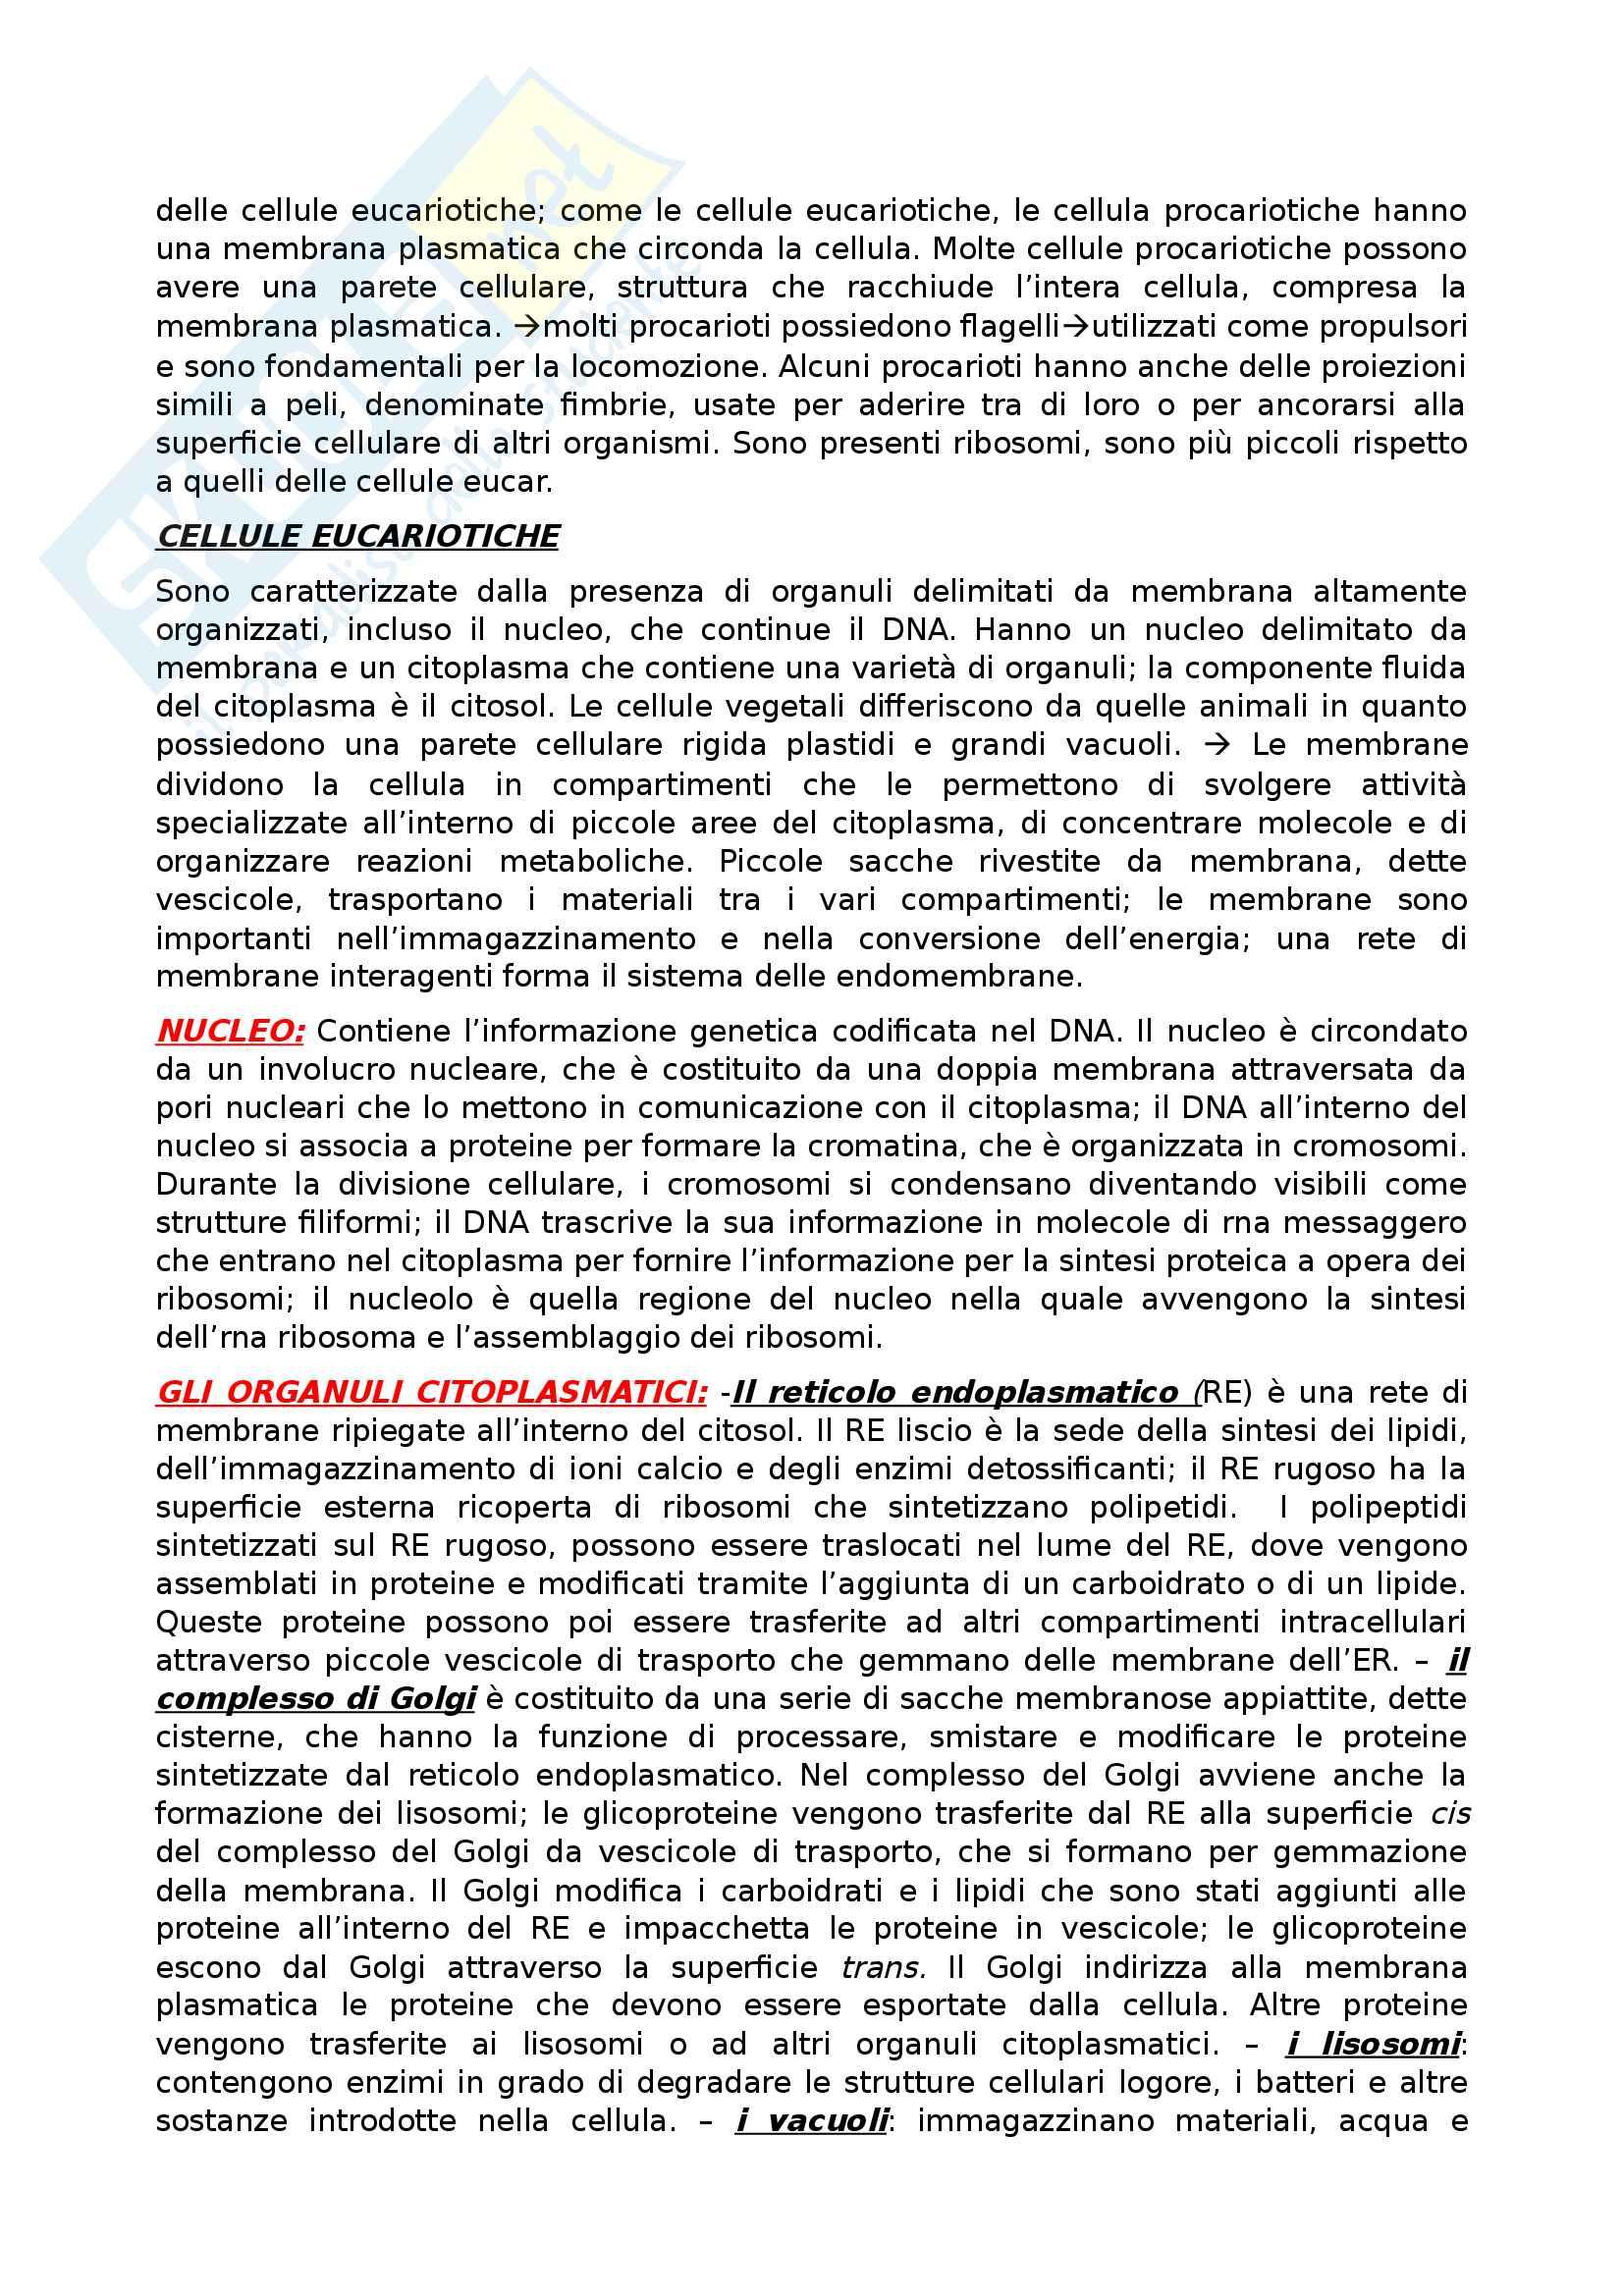 Biologia appunti scritti al pc con foto integrate Pag. 11